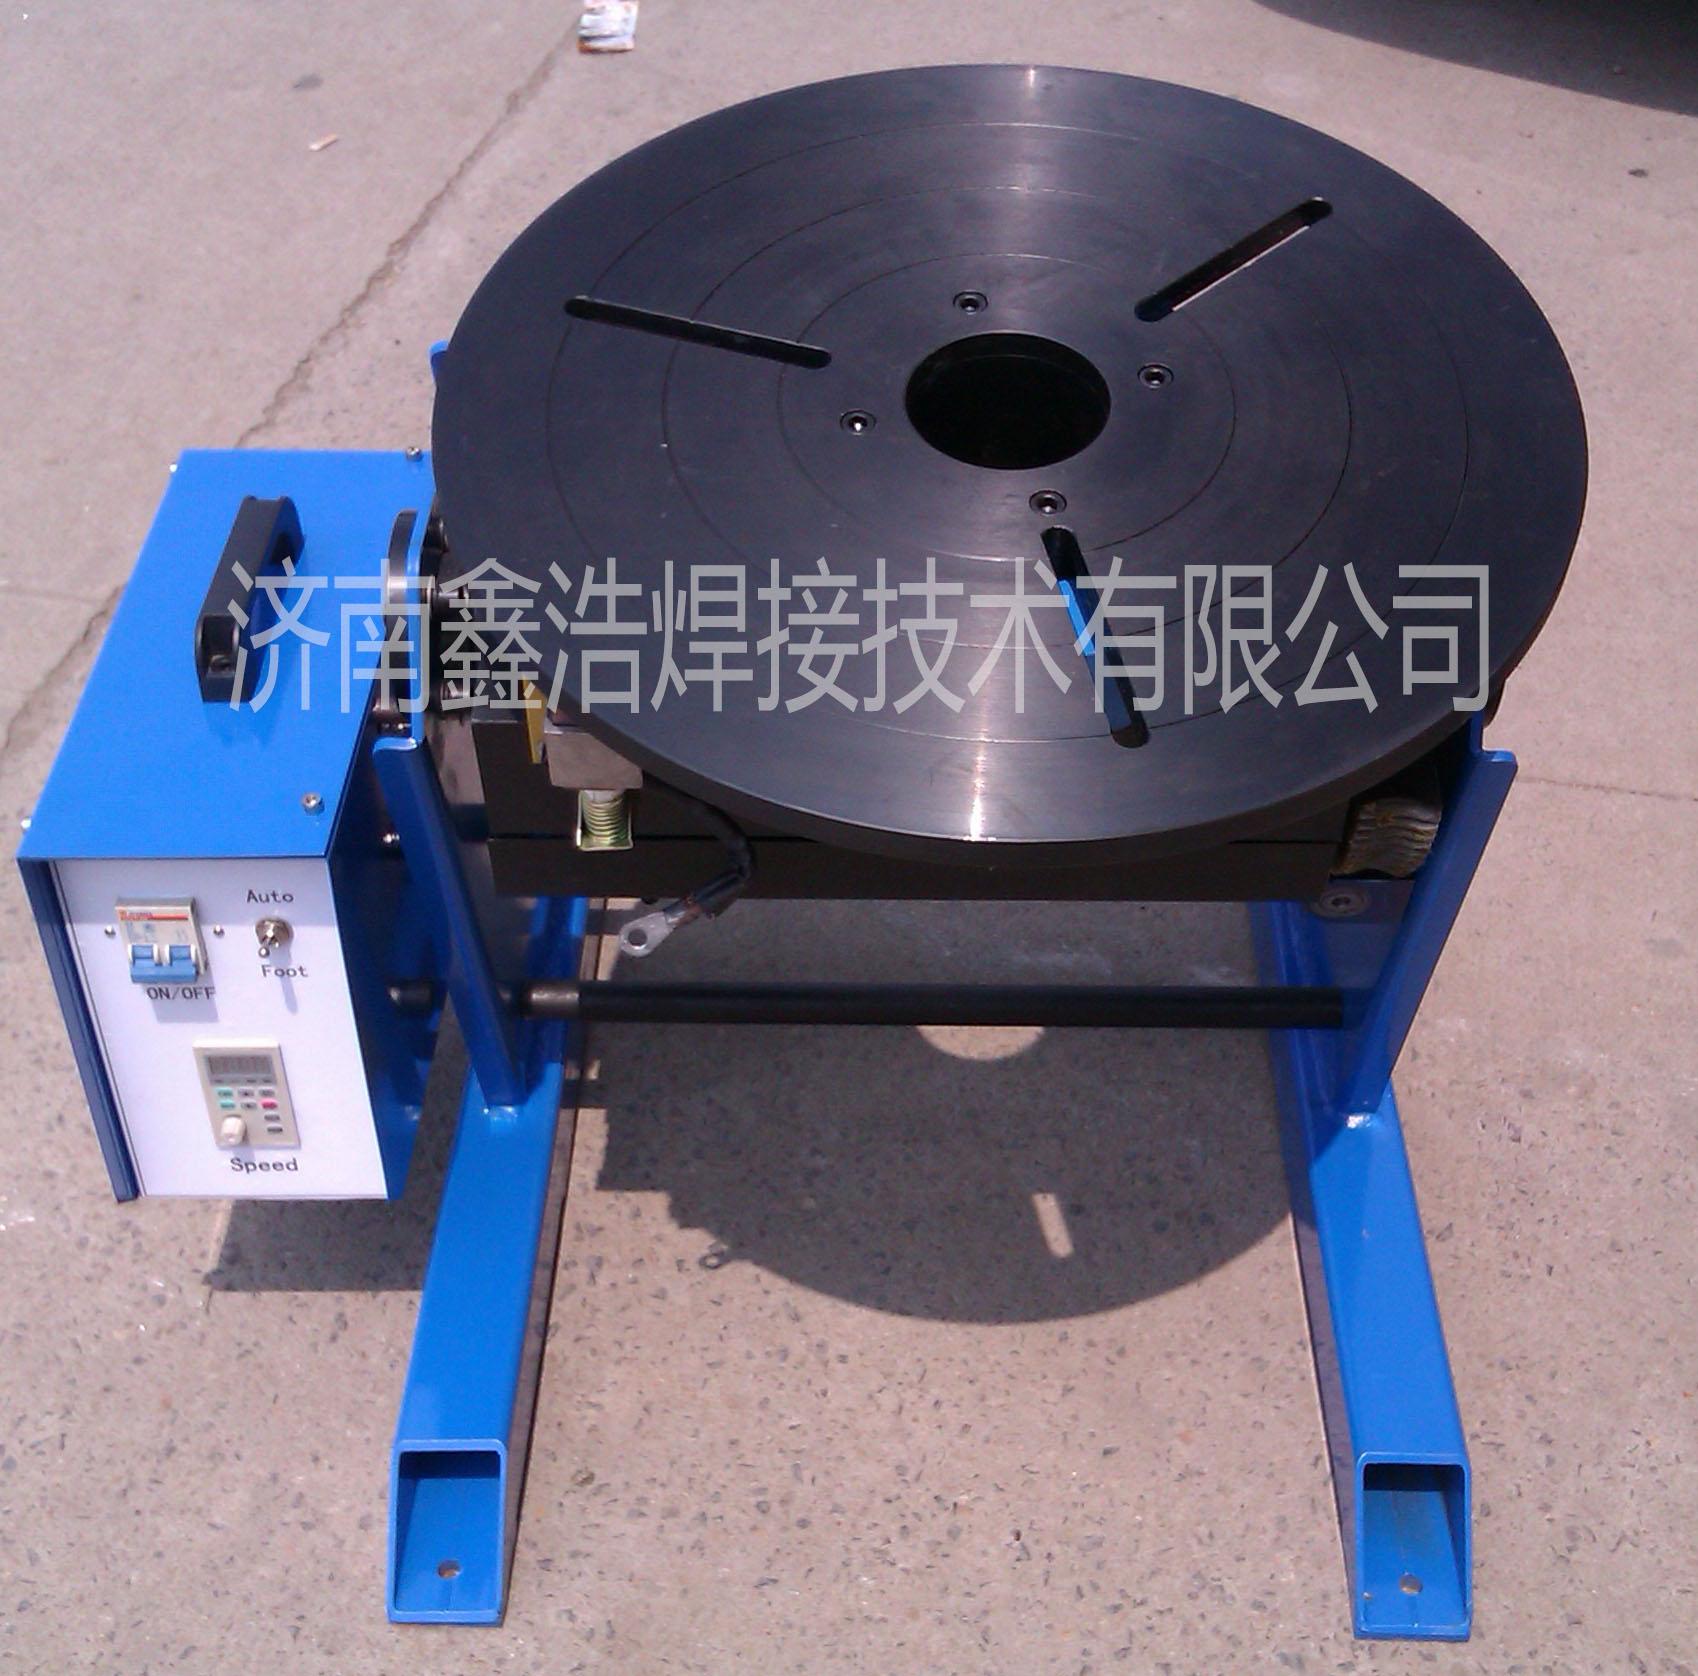 300公斤变位机 170mm大通孔焊接变位机济南鑫浩厂家低价供应